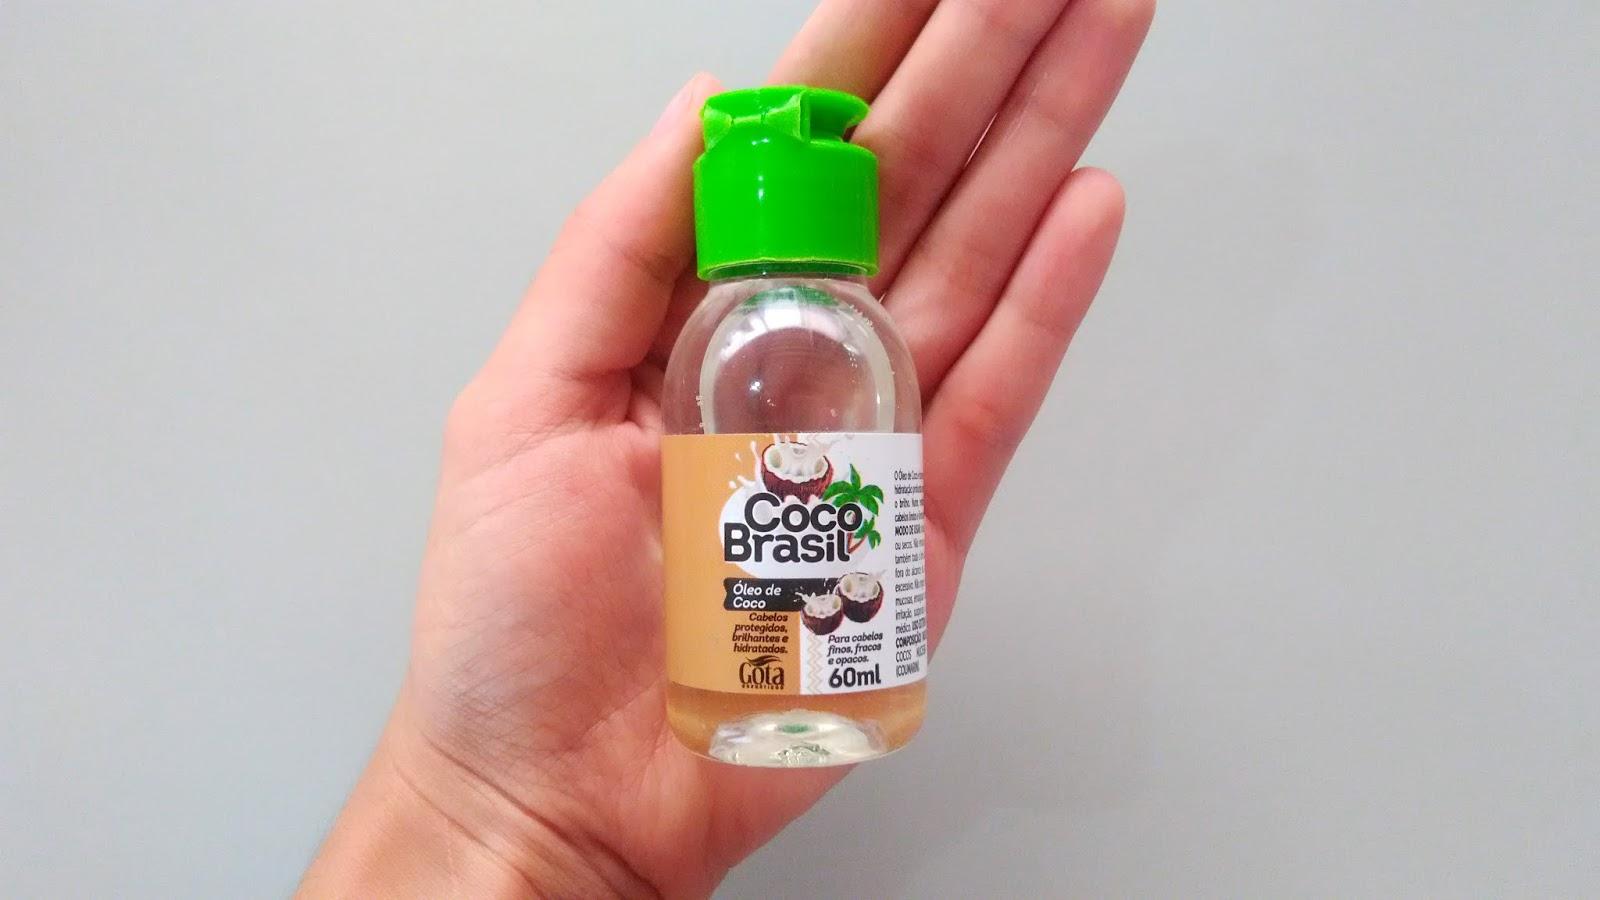 óleo de coco coco brasil gota dourada